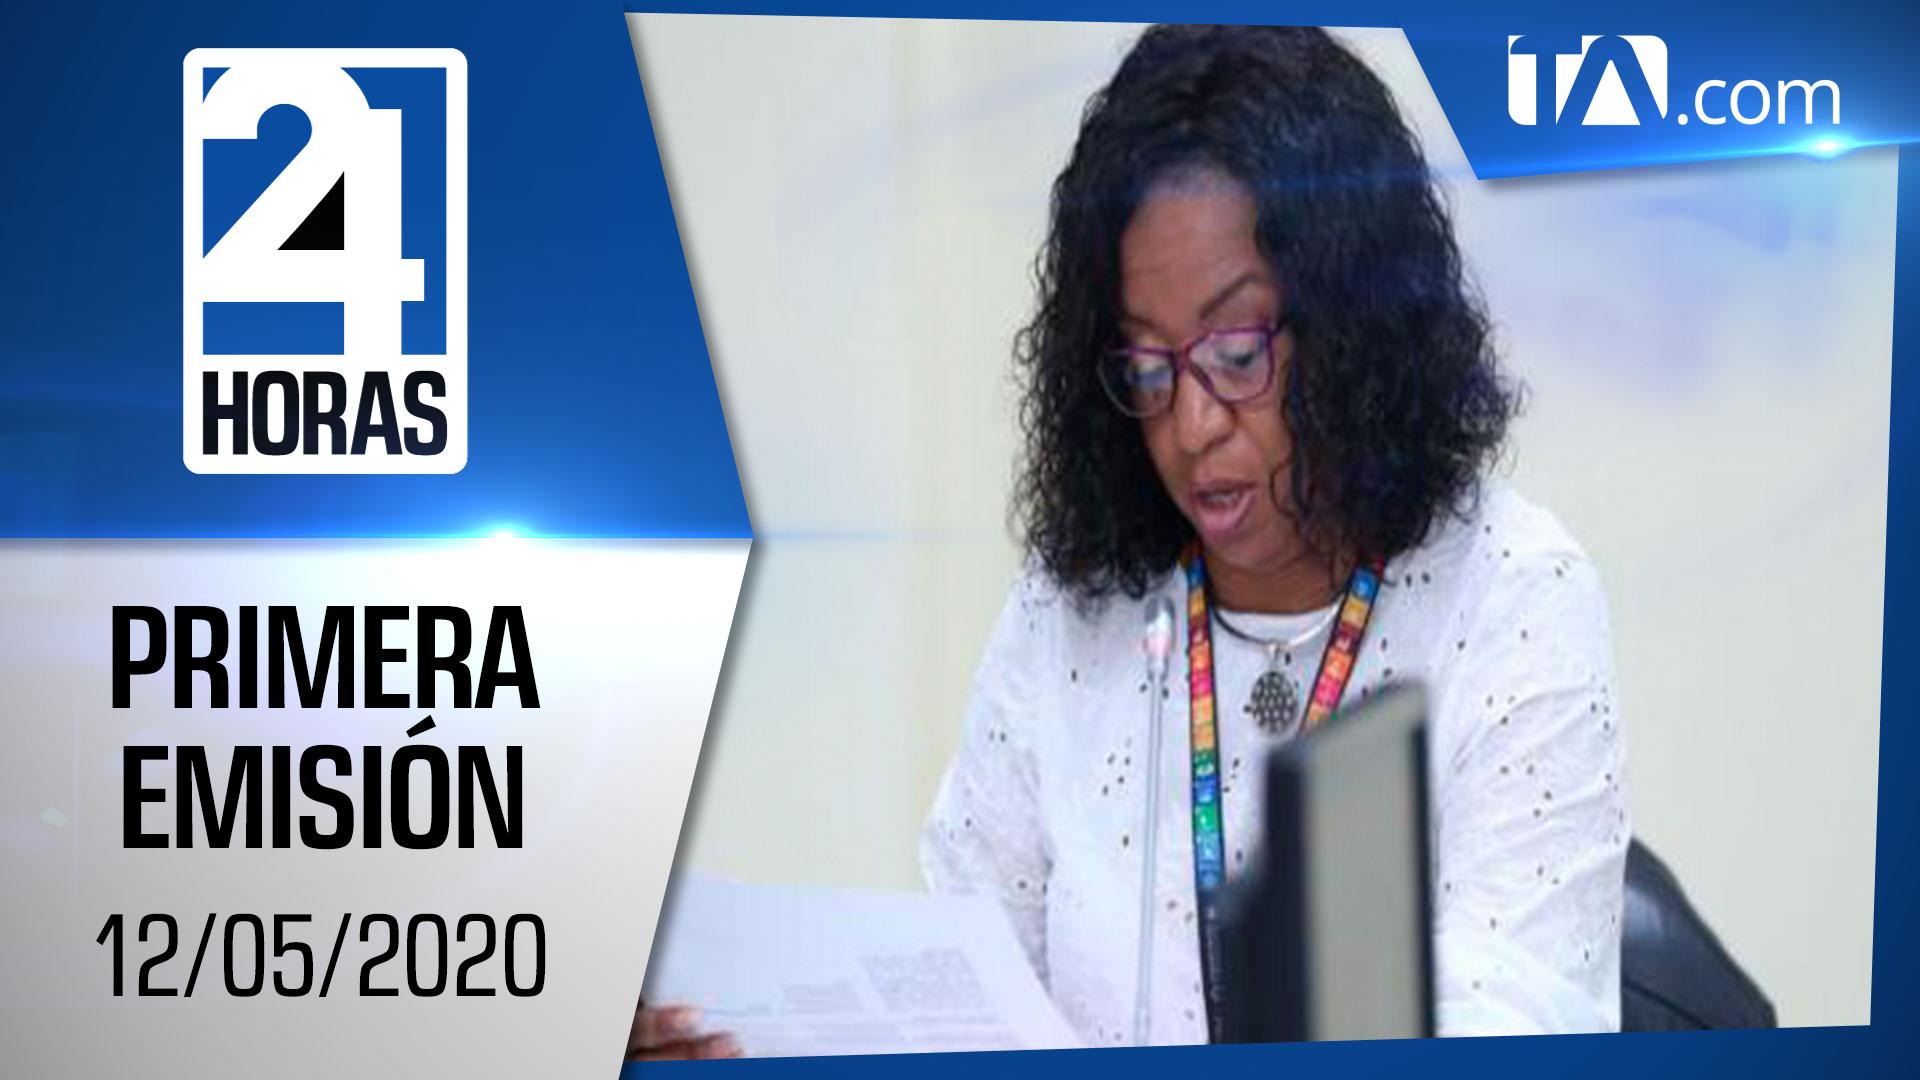 Noticias Ecuador: Noticiero 24 Horas 12/05/2020 (Primera Emisión)